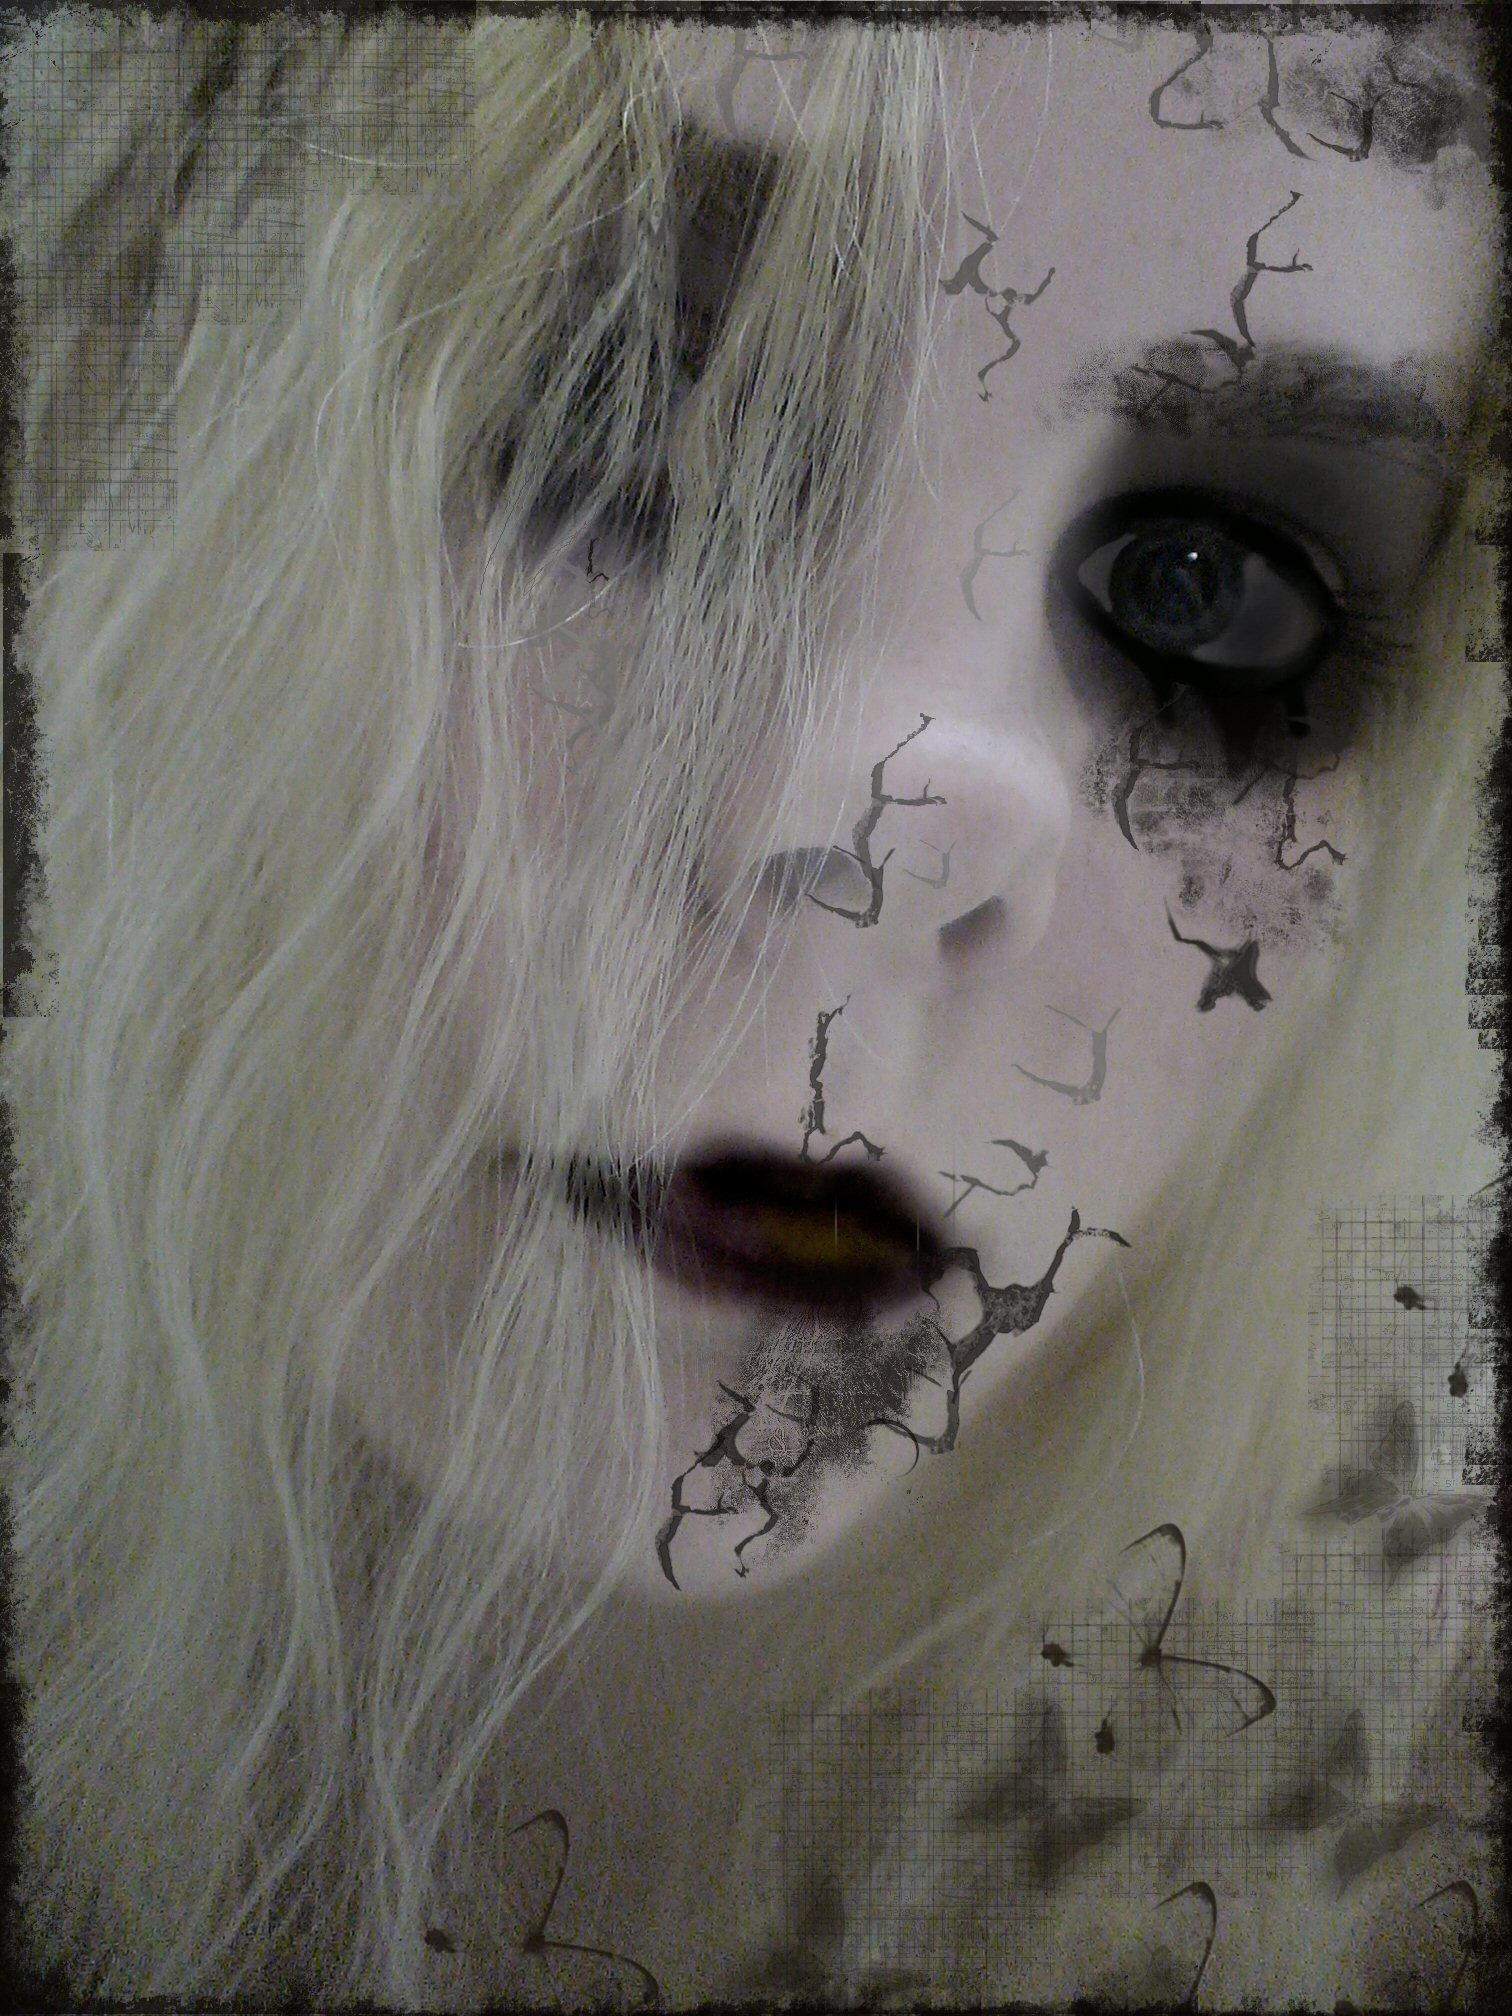 Halloween broken doll makeup